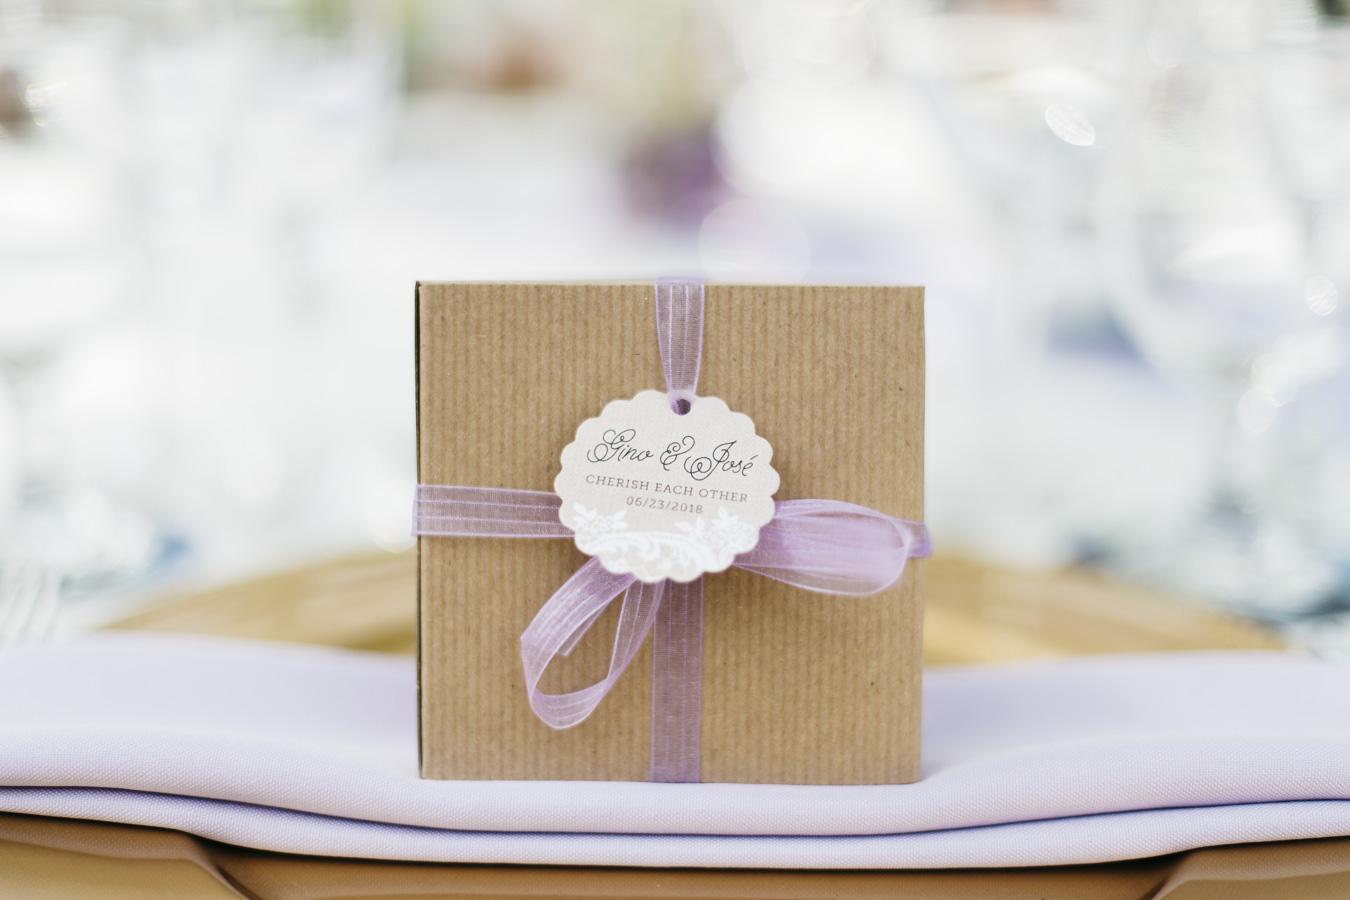 Gino_Jose_Sarasota_FL_Wedding_June_23_2018-7.jpg